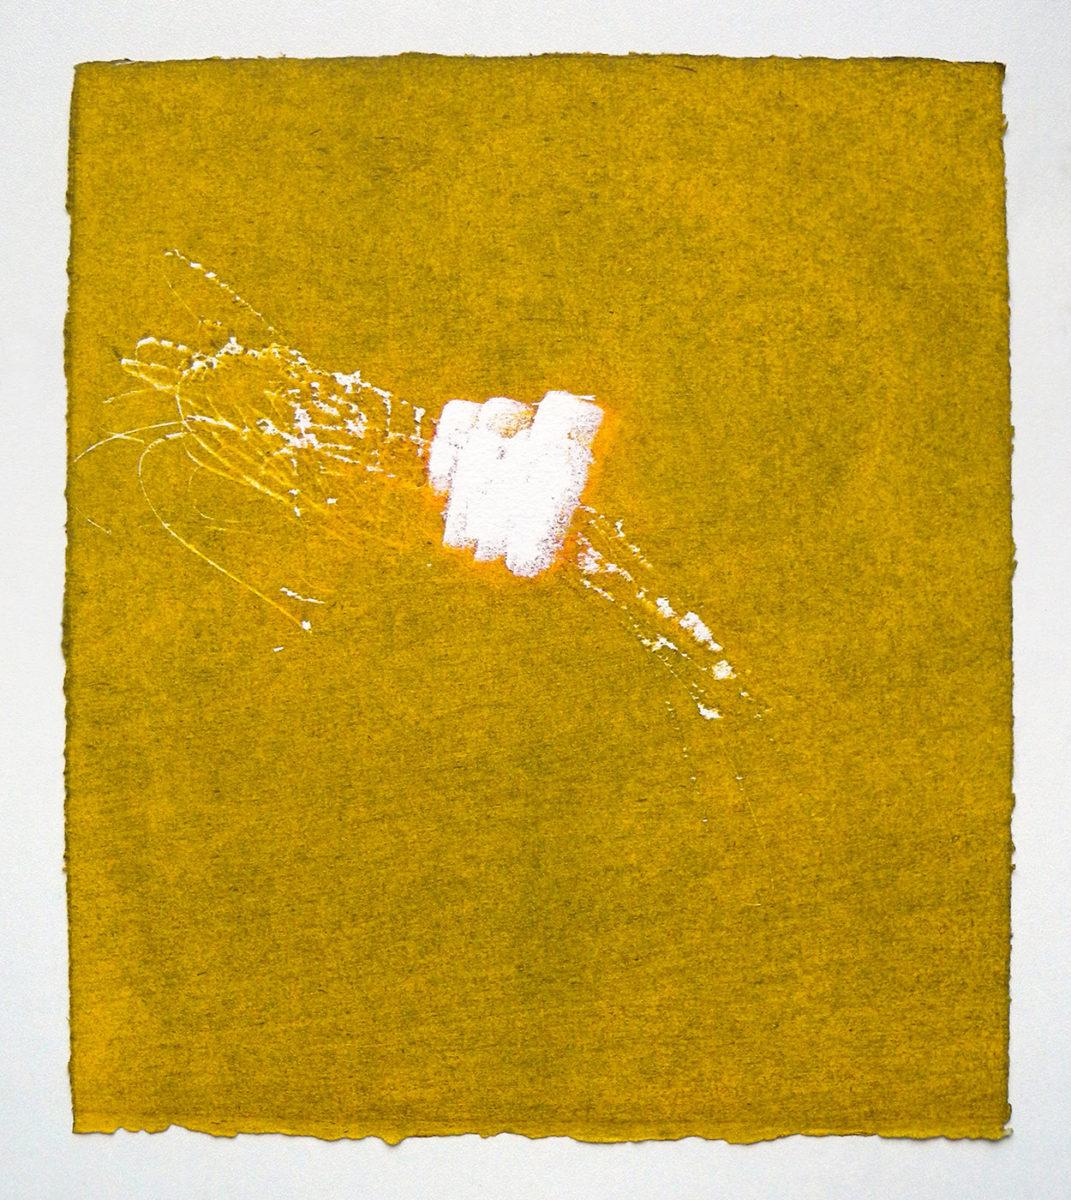 MARC FELD 2012 SONG FOR STEVE LACY 8 Gravure sur bois encre sur papier 25 x 26 cm (Tirage Patrick Vernet)